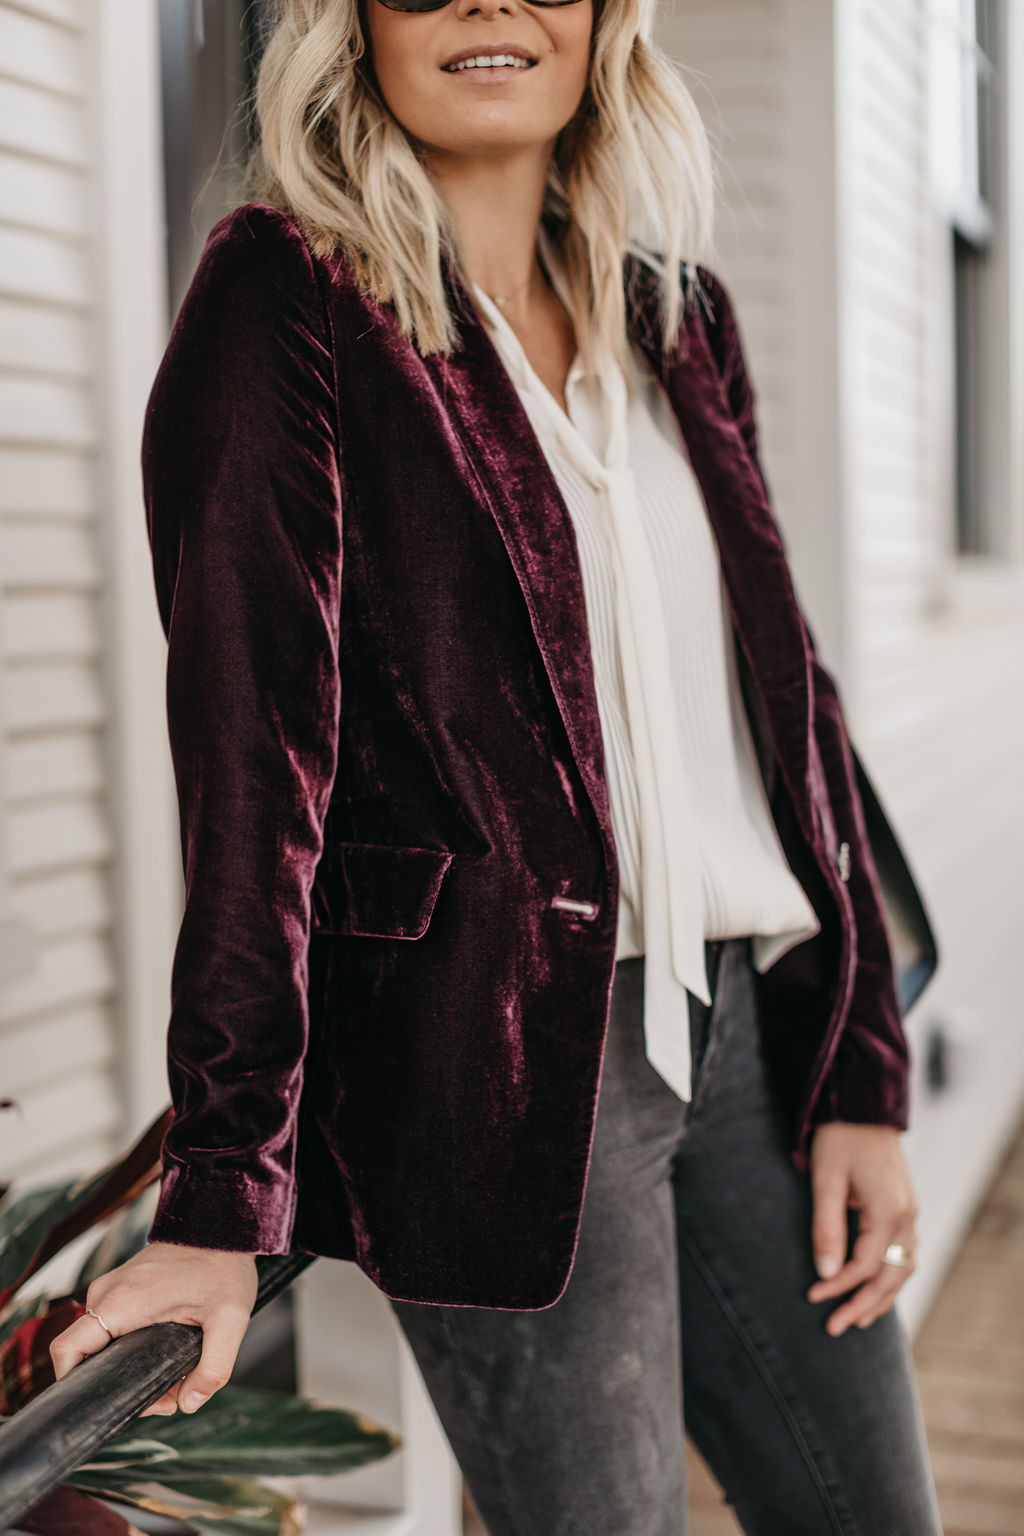 velvet fashion